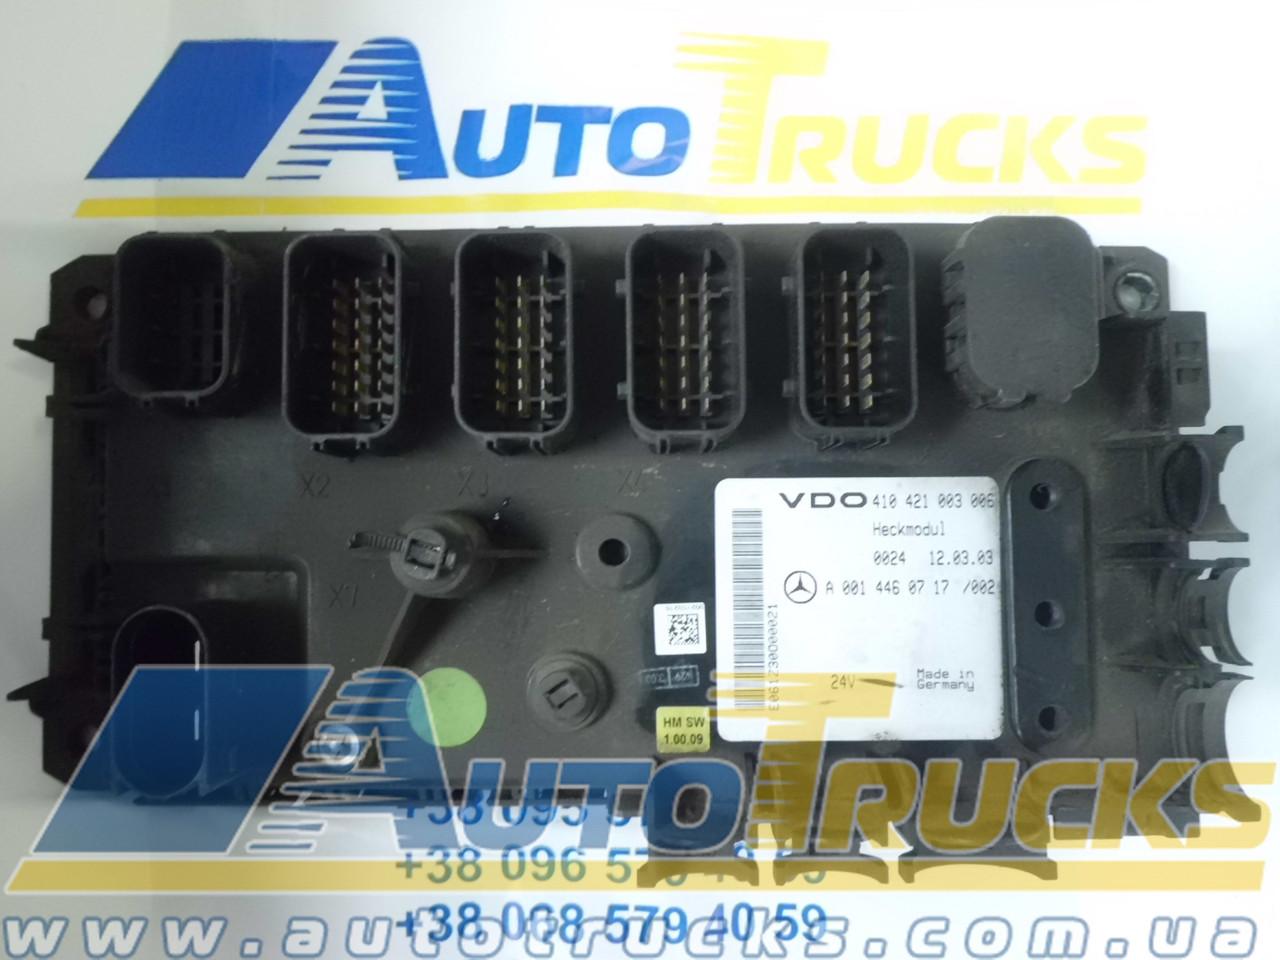 Блок управления VDO 410421003006; MB 0014460717 Б/у для Mercedes-Benz Actros (410421003006; 0014460717)